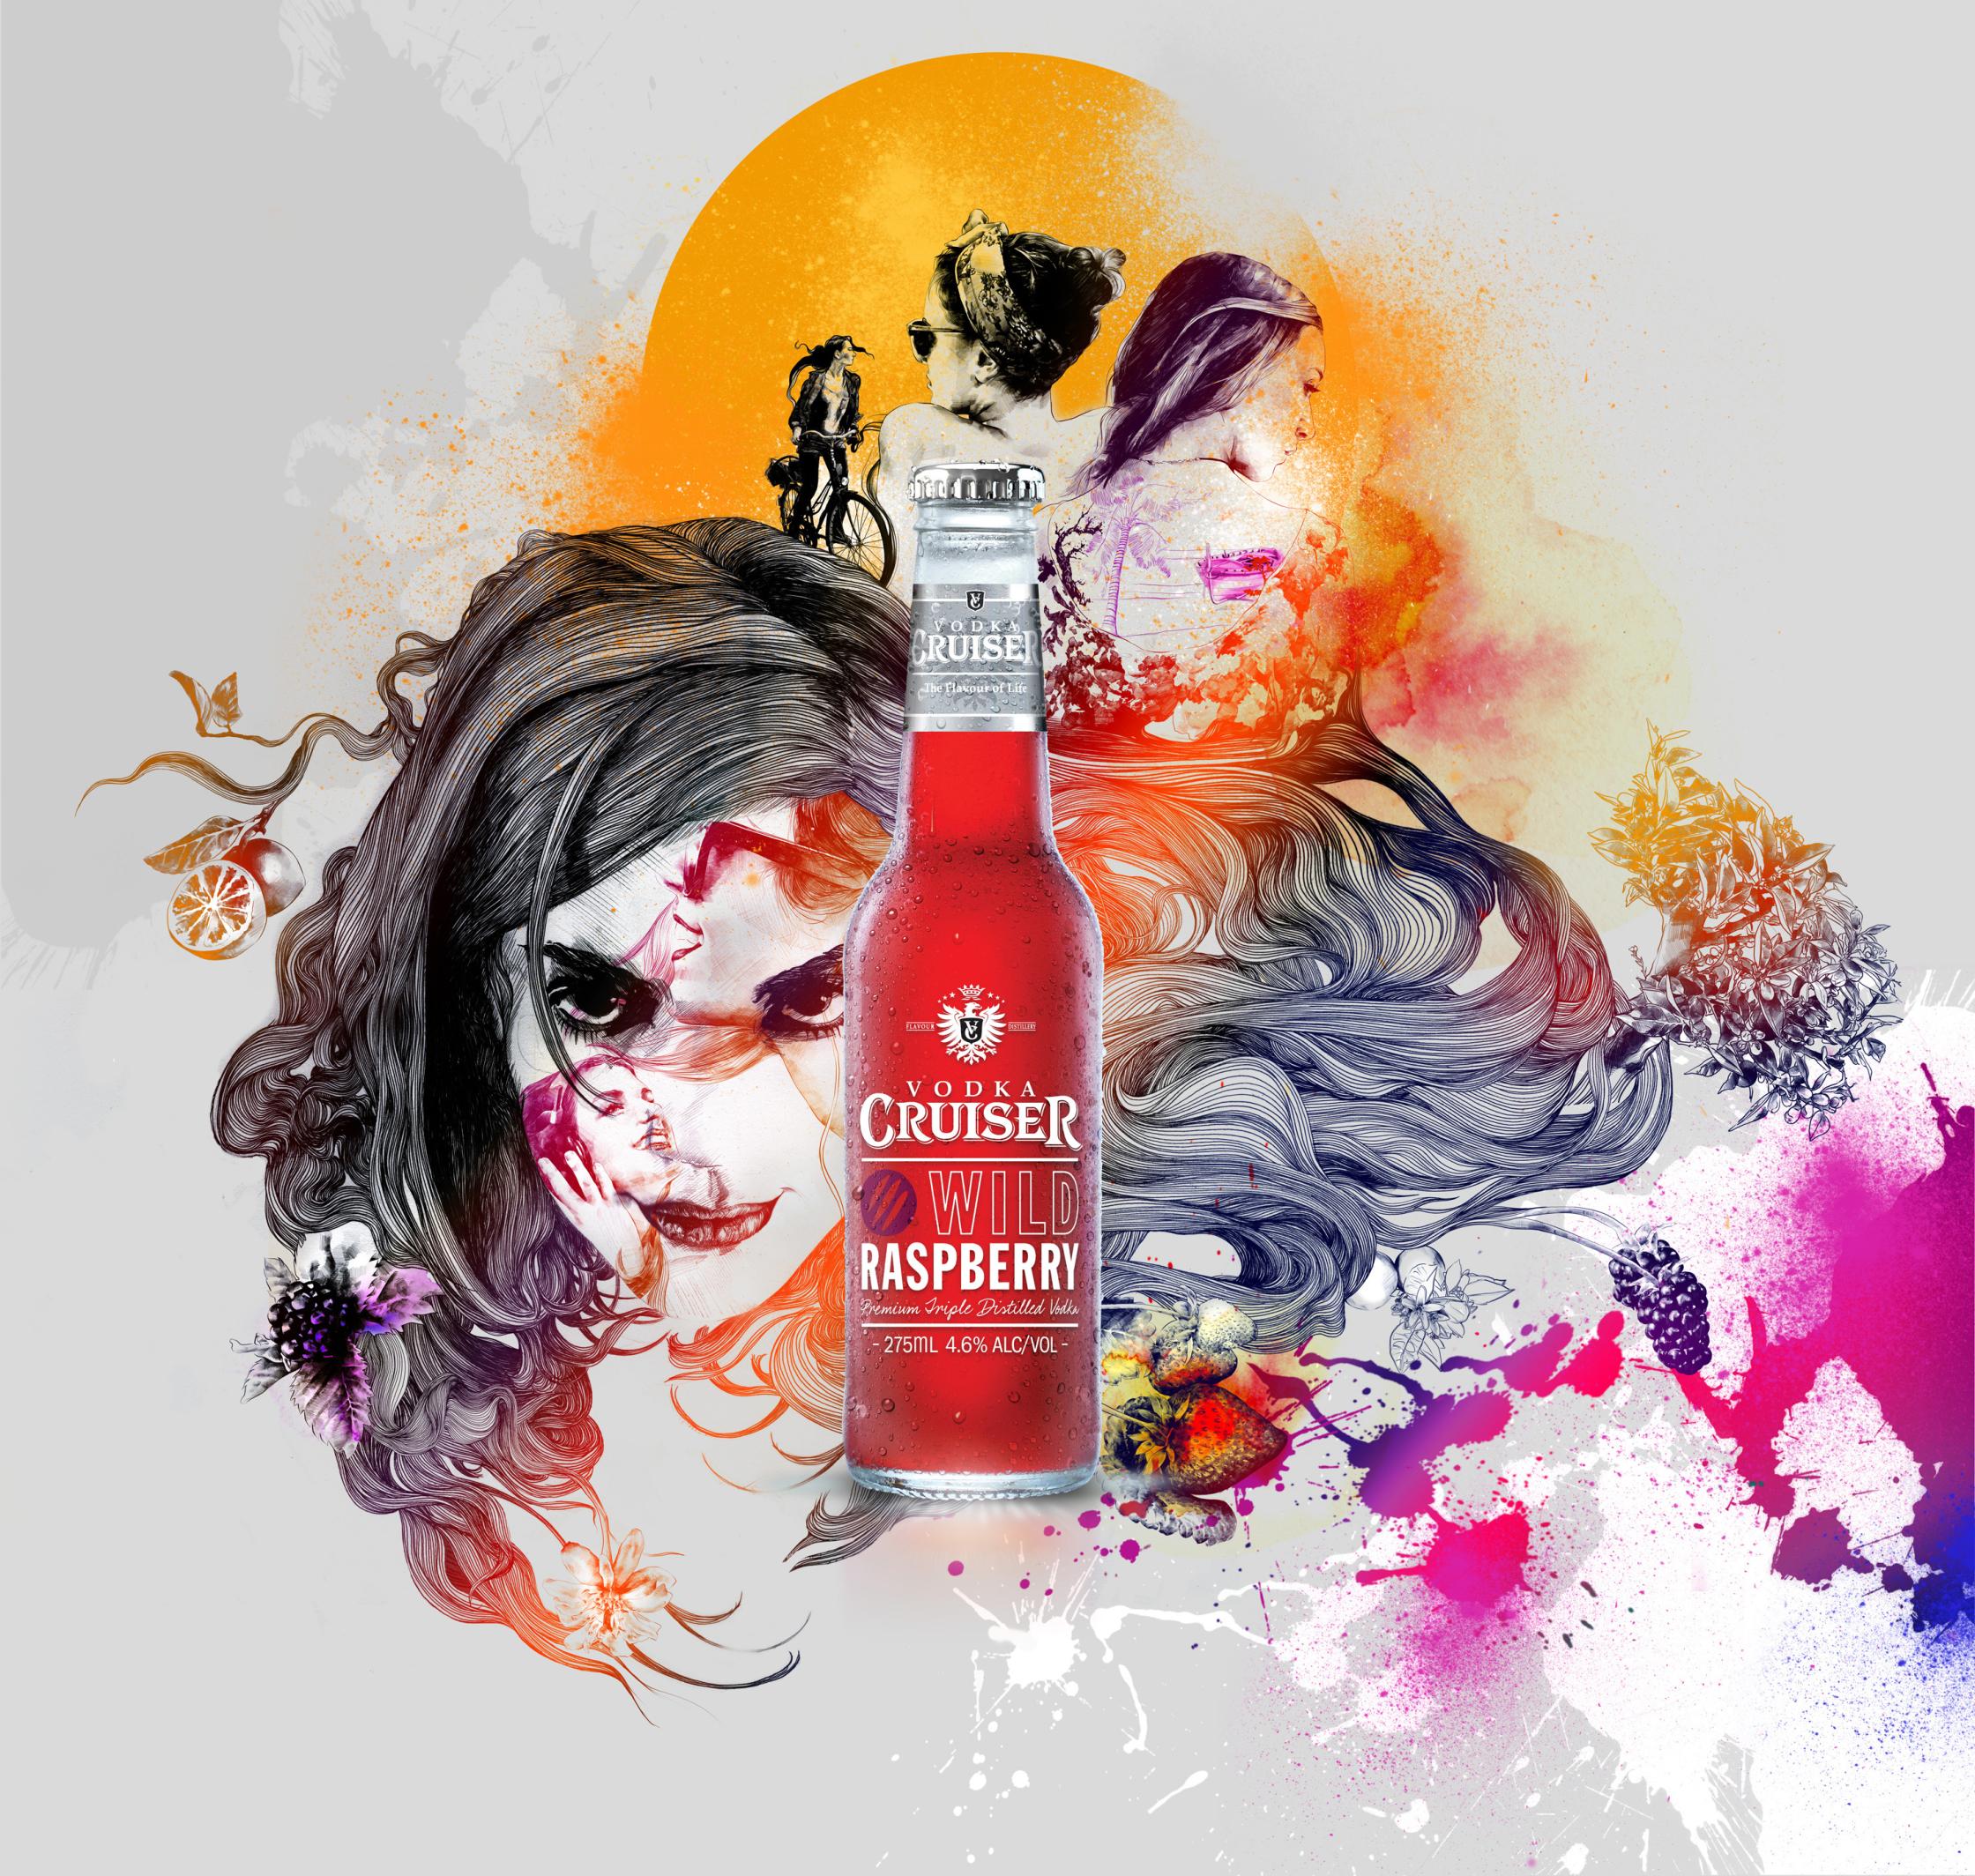 Core / Vodka Cruiser